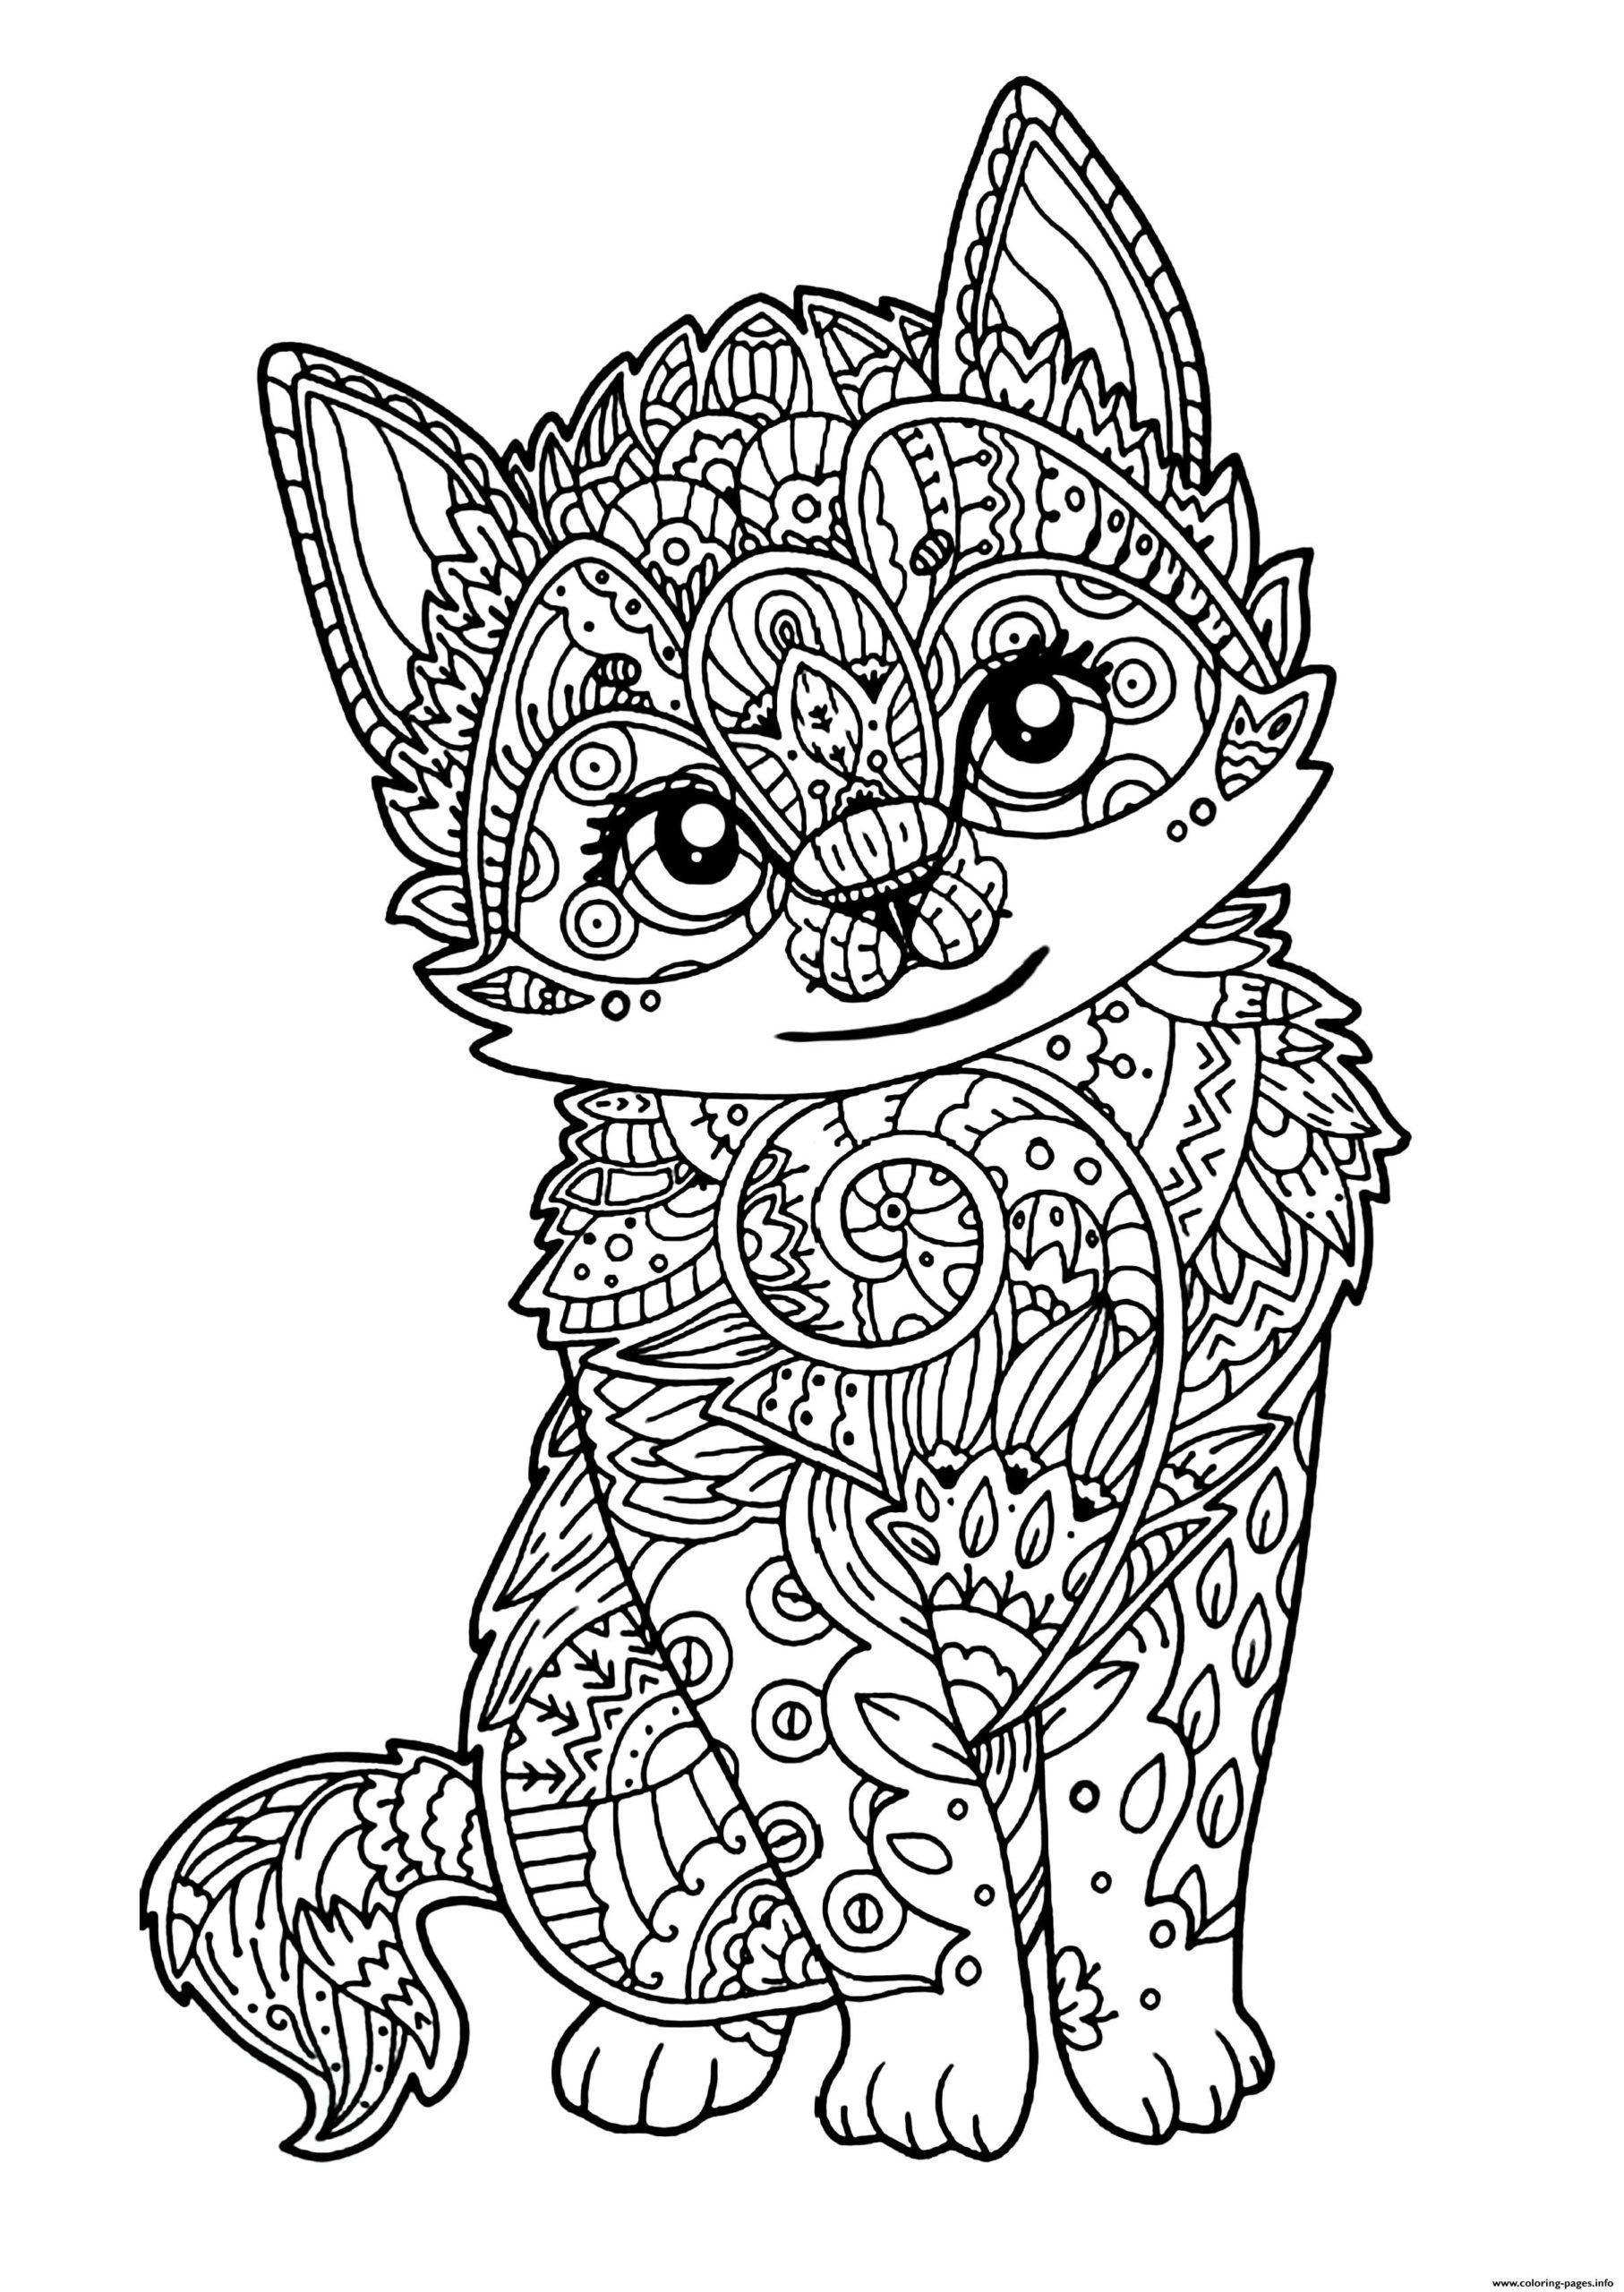 Tranh tô màu con mèo với những hoa văn đẹp mắt